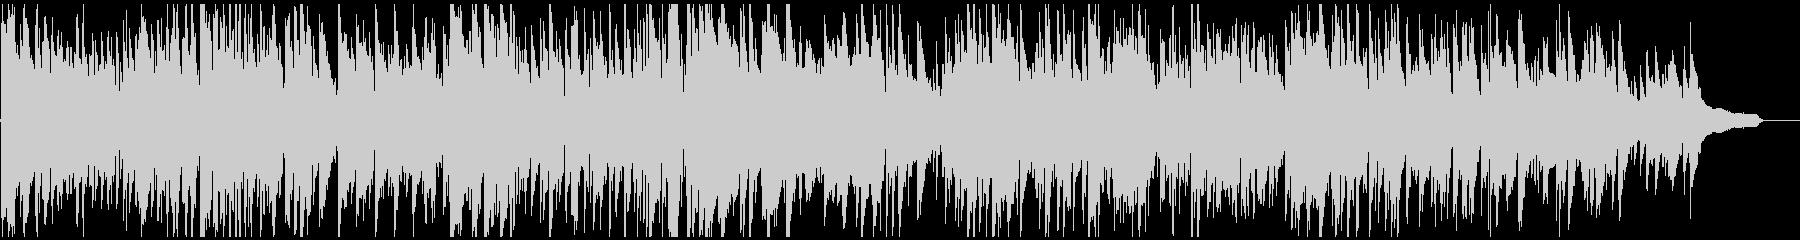 ファッショナブルなボサノバ・サックスの未再生の波形